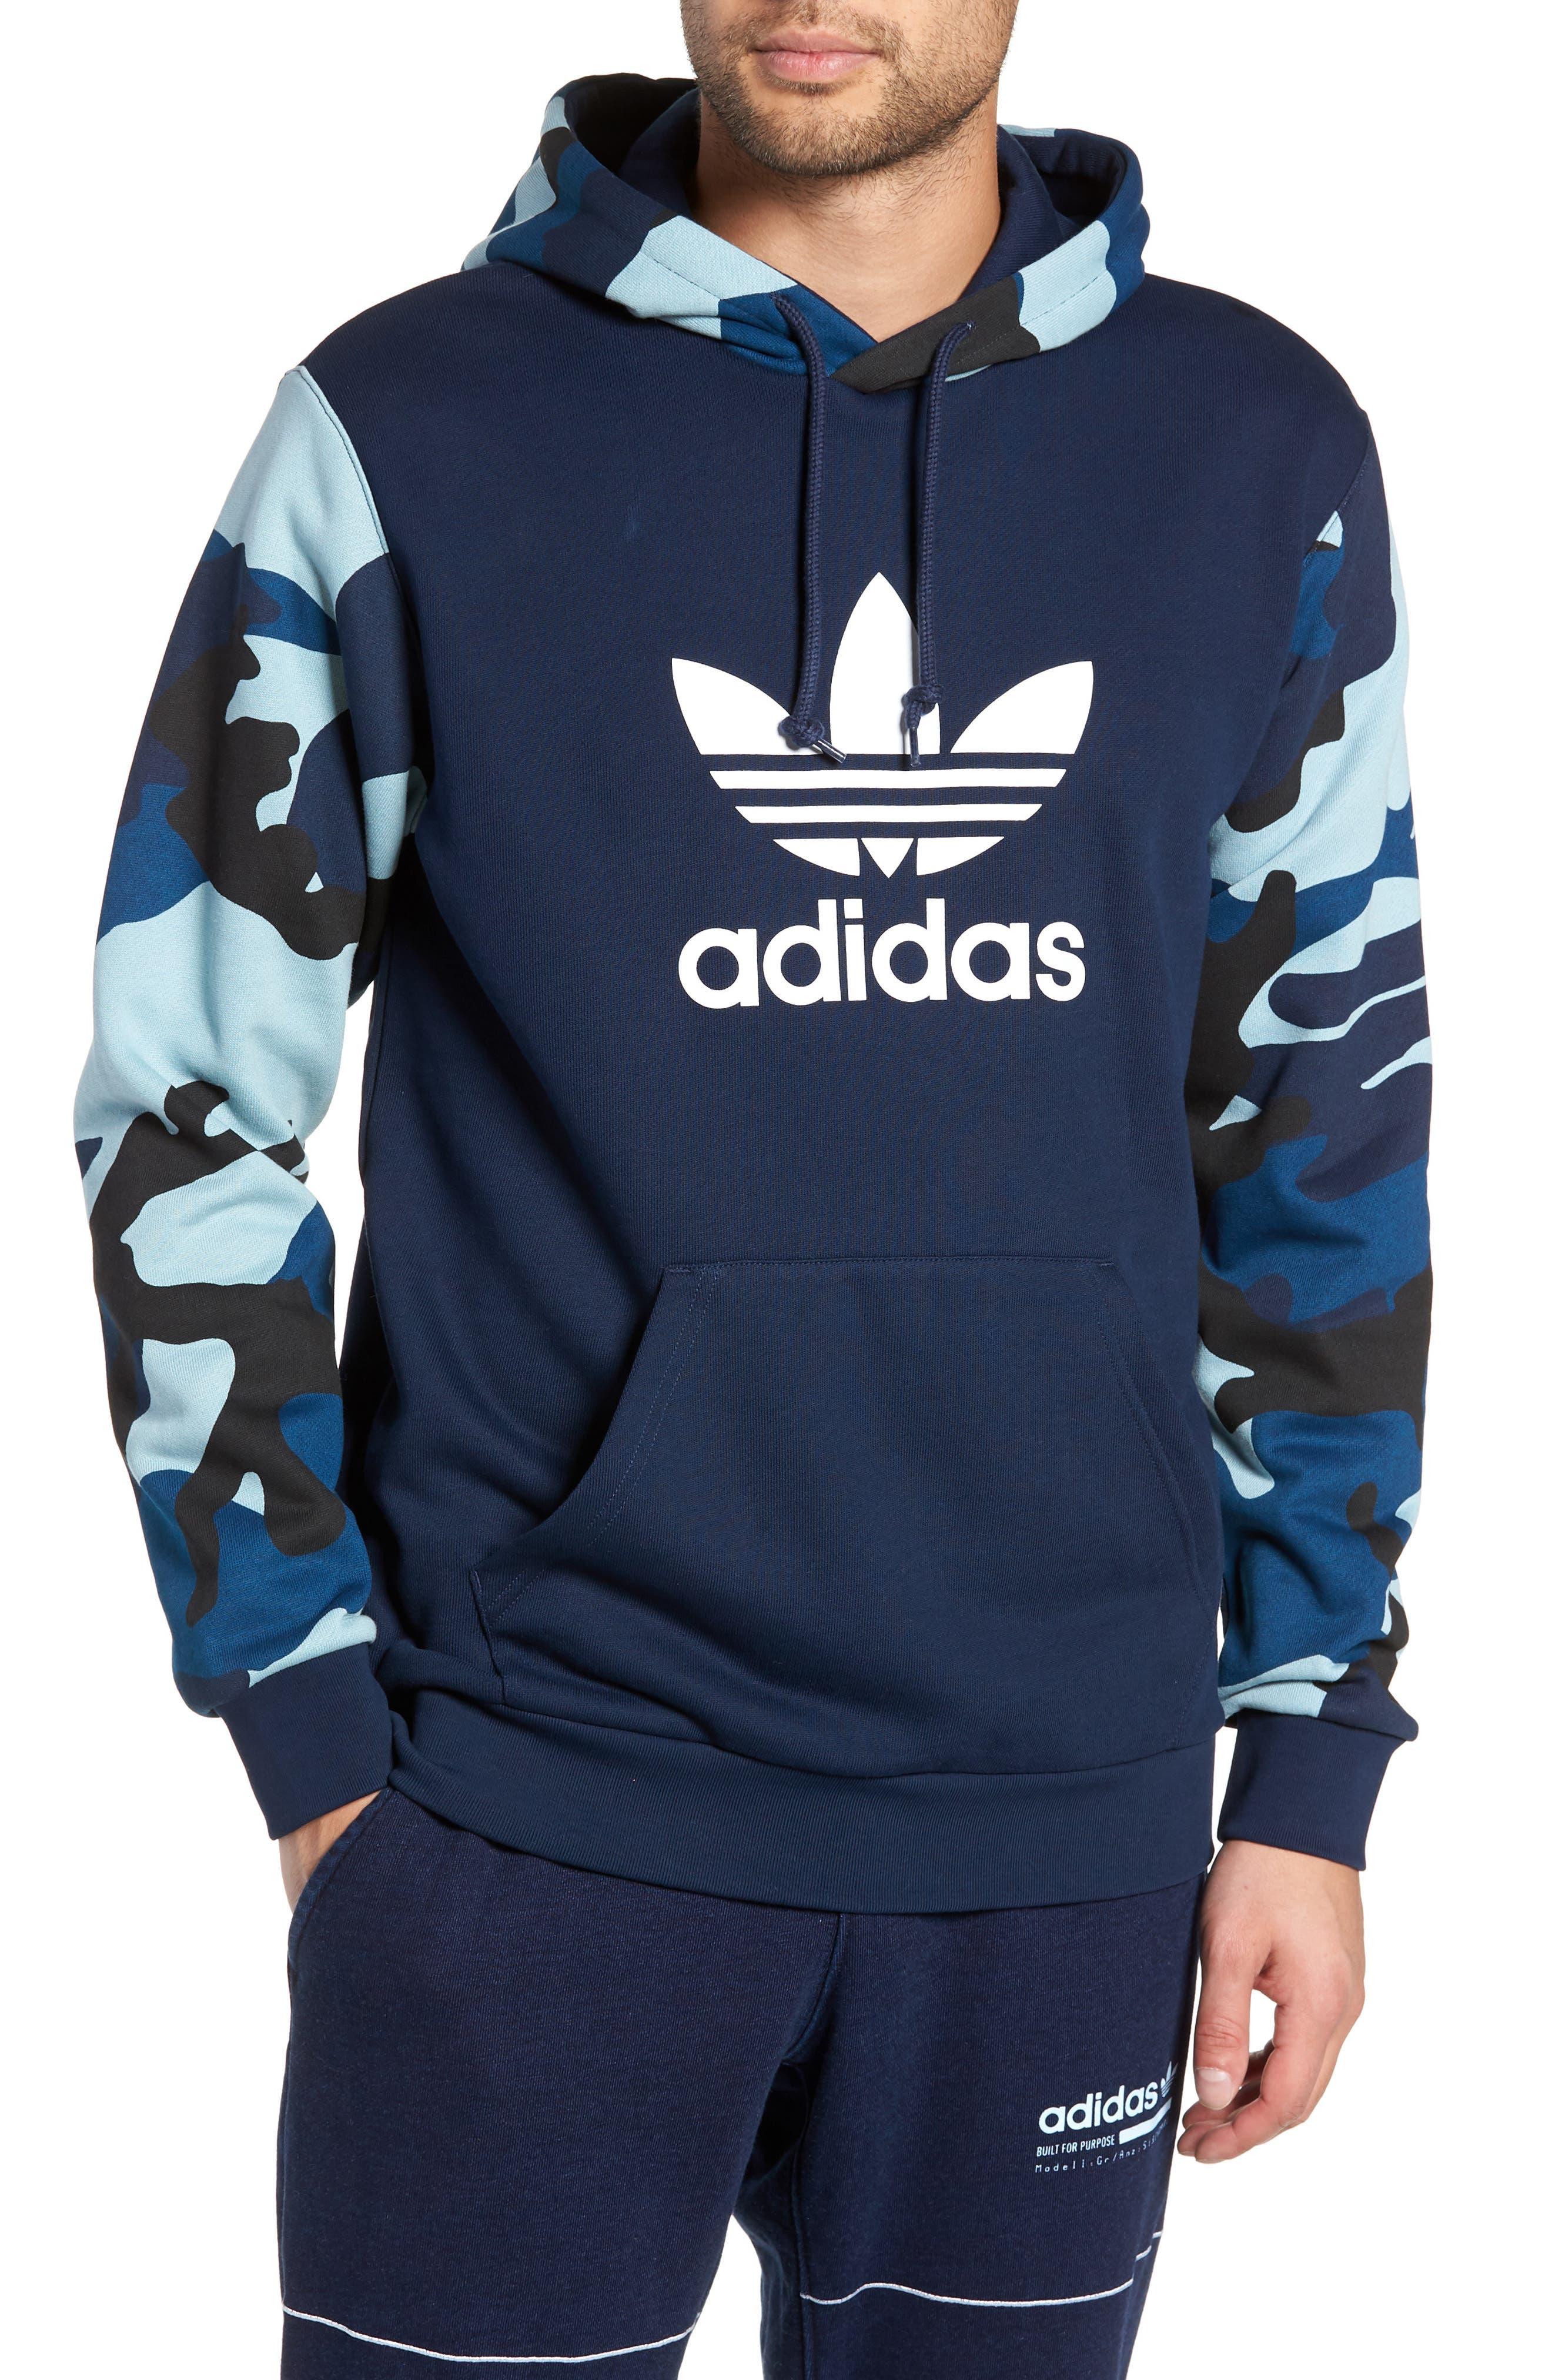 ADIDAS ORIGINALS Camo Hooded Sweatshirt, Main, color, COLLEGIATE NAVY